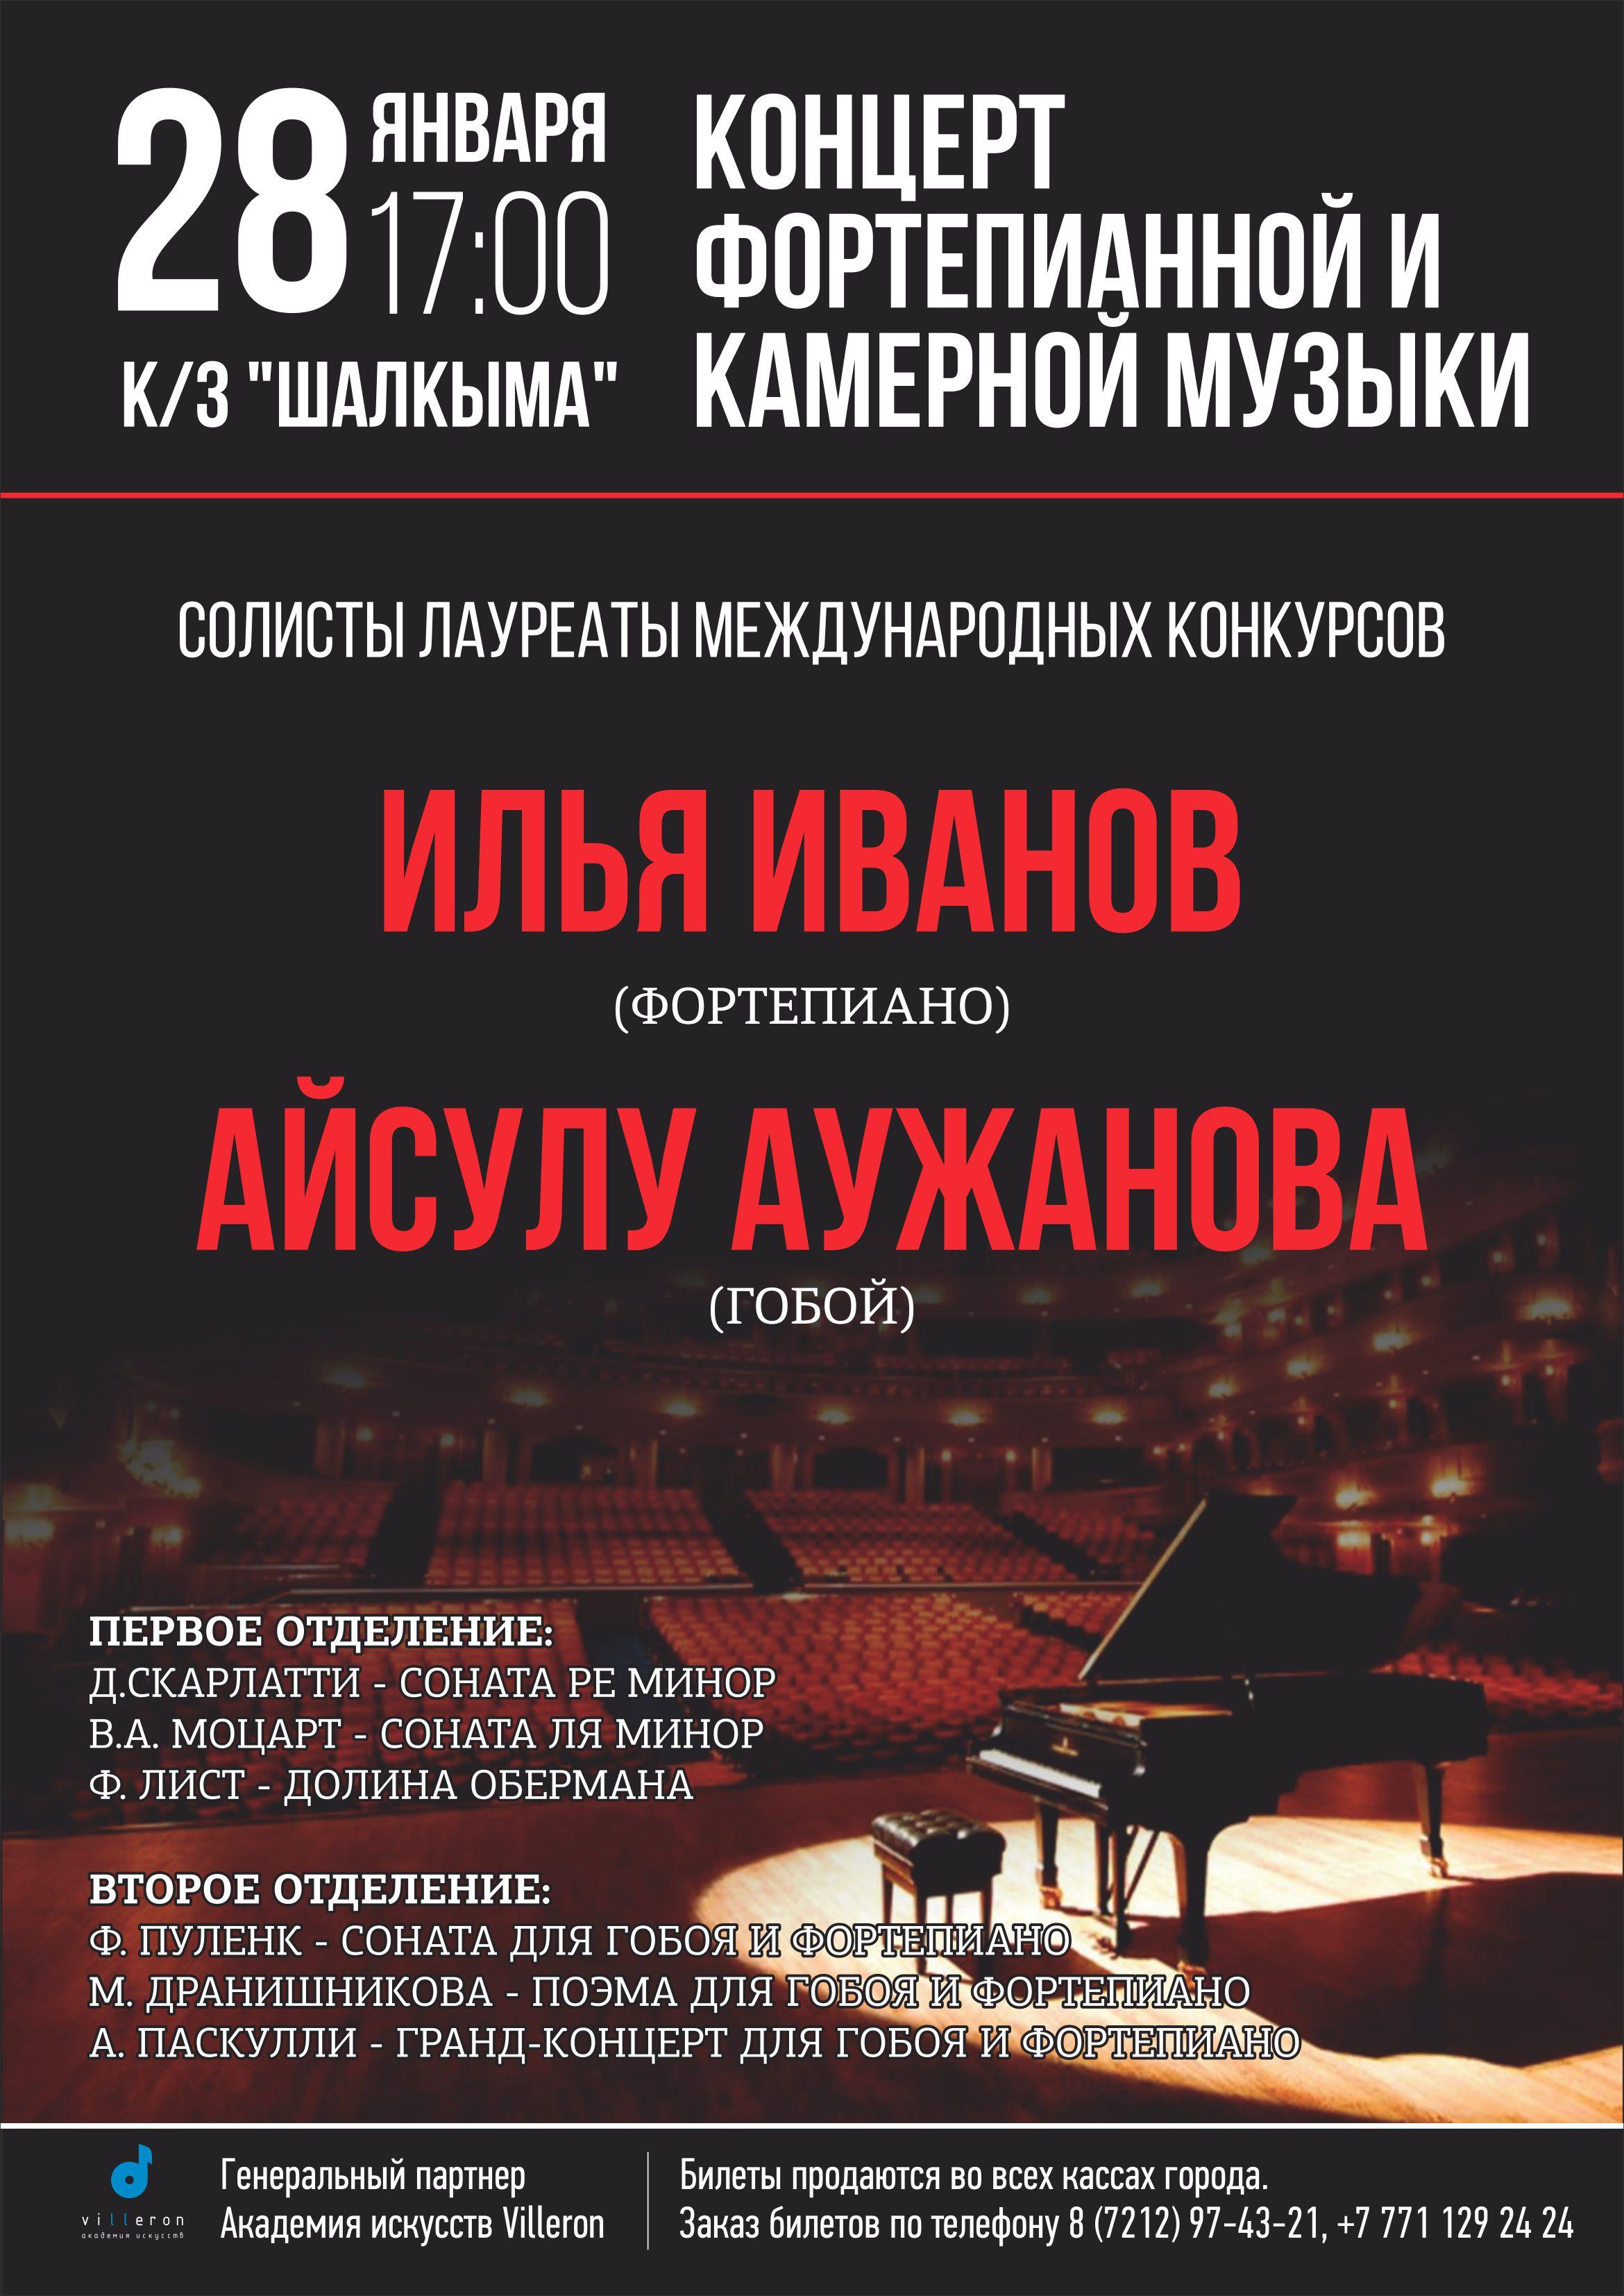 Концерт фортепианной и камерной музыки